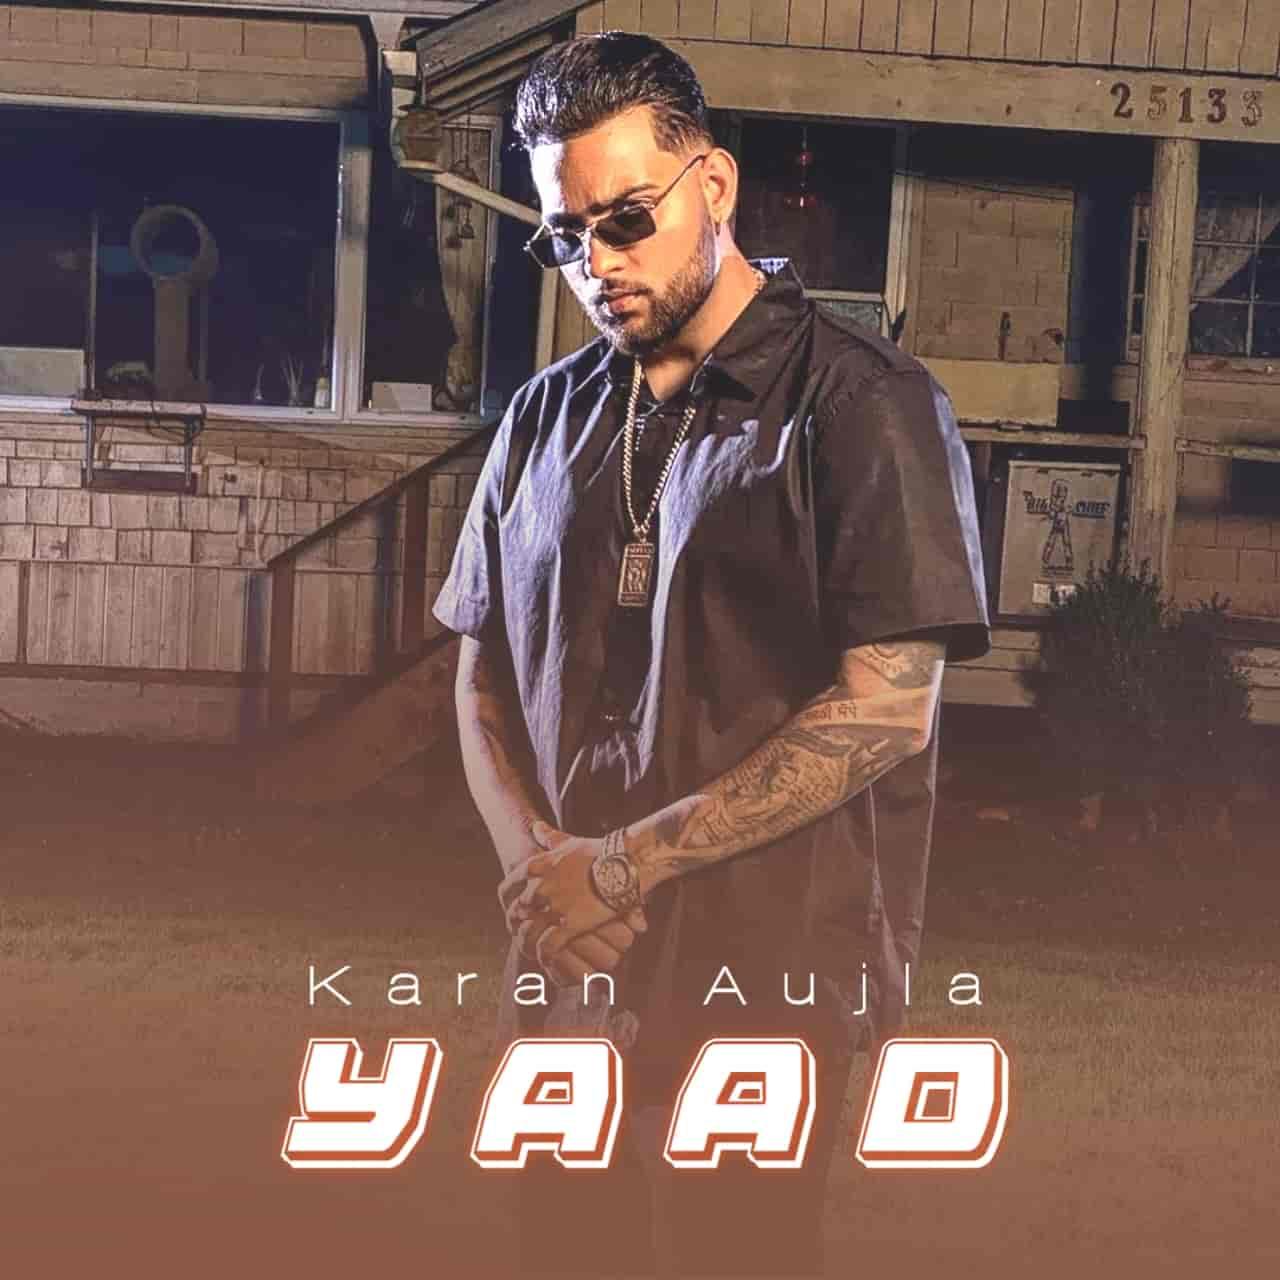 Yaad Punjabi Song Image Features Karan Aujla